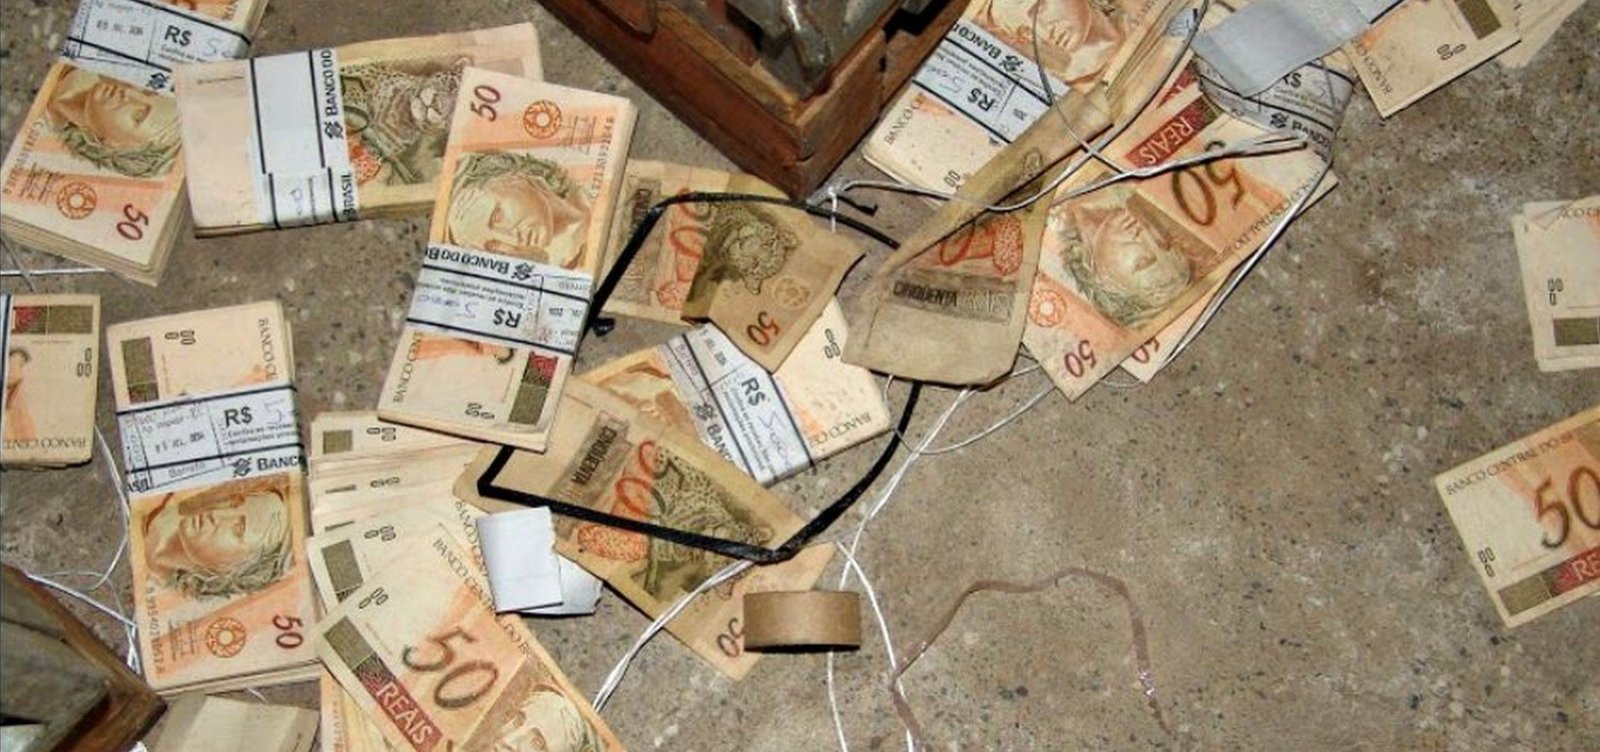 Envolvido no furto ao Banco Central de Fortaleza terá redução de pena mesmo sem ter sido preso